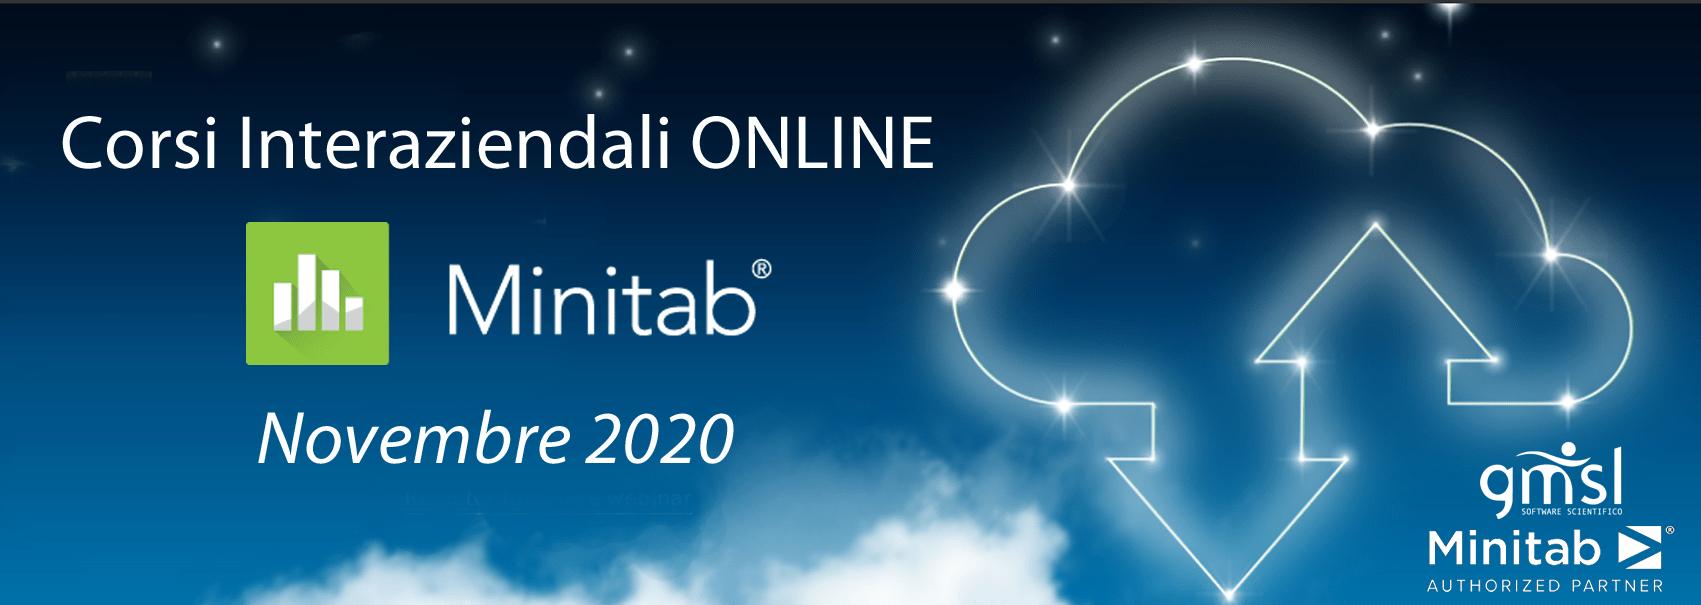 2020_10-corsi-mtb Minitab   Corsi Interaziendali Ufficiali - Novembre 2020